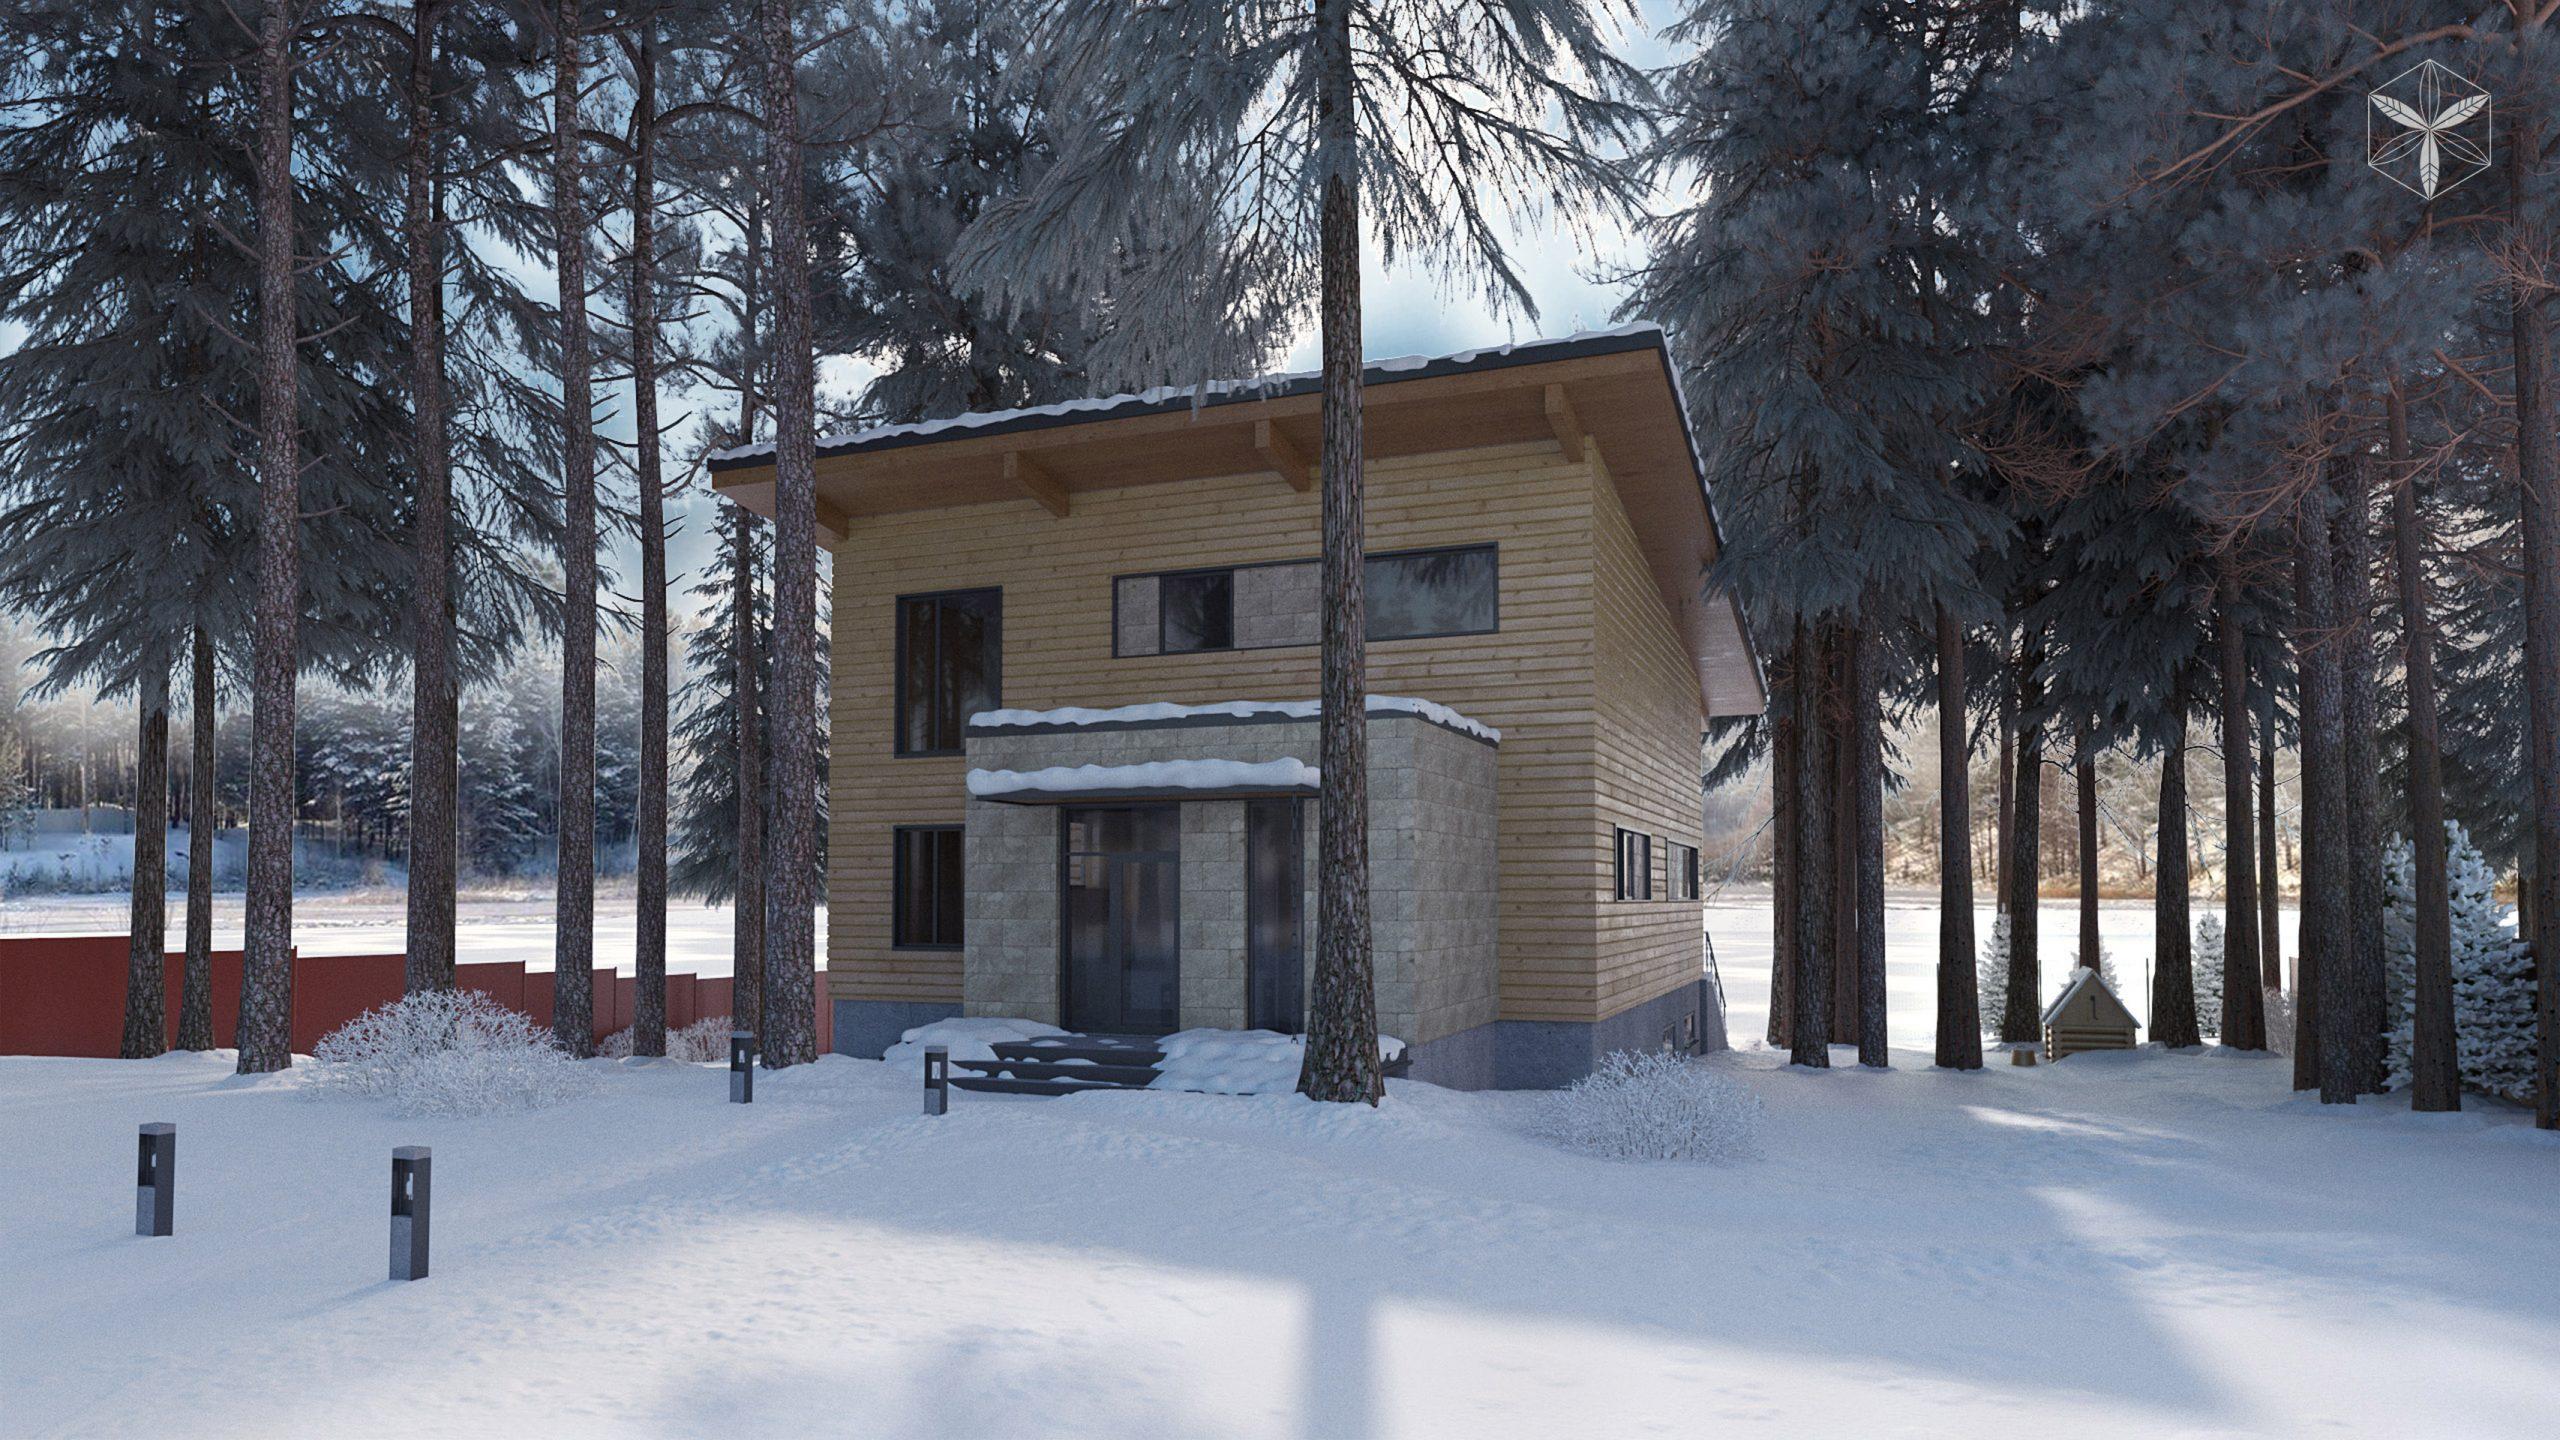 Изображение для проекта Проект коттеджа в стиле органичный модерн 1743